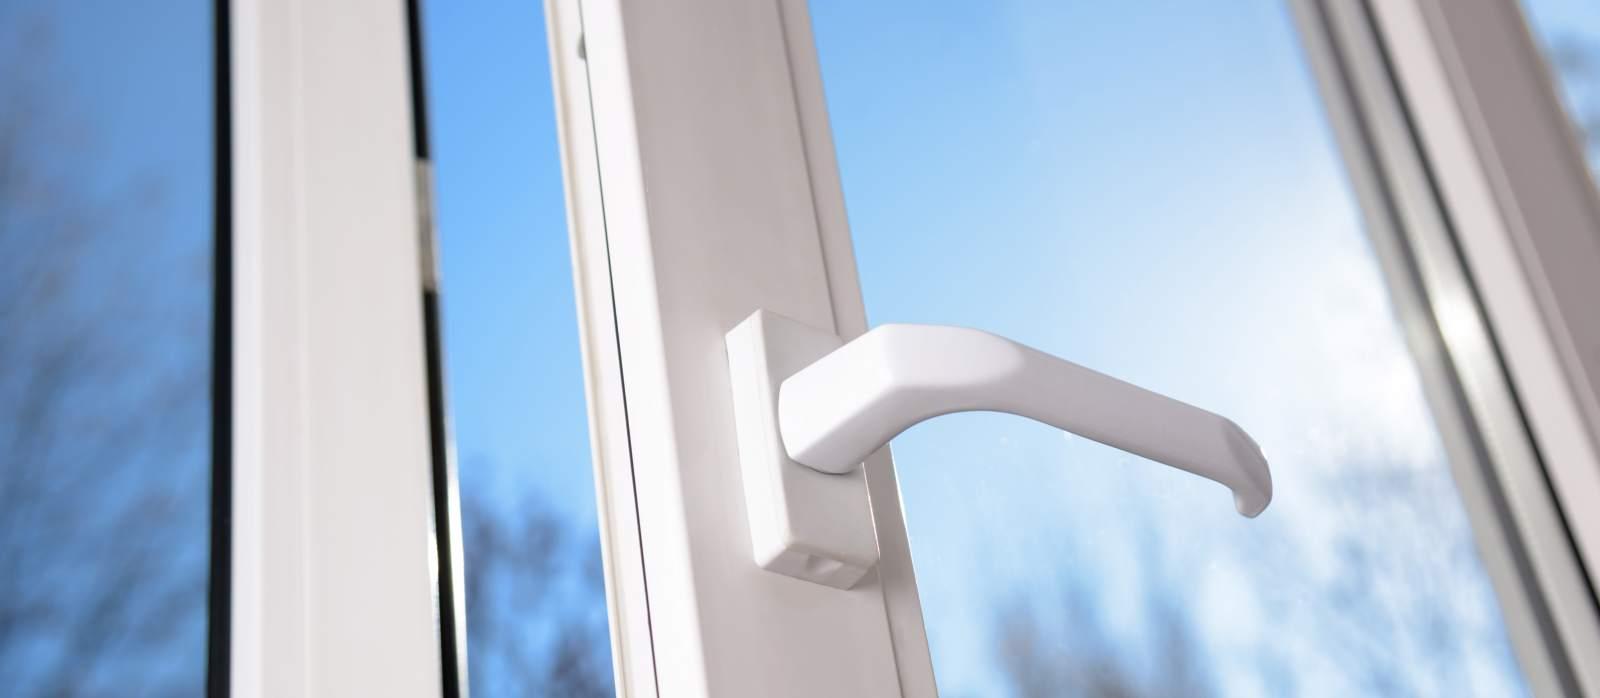 Comment Remplacer Les Joints Des Fenêtres Pvc Blog Oknoplast